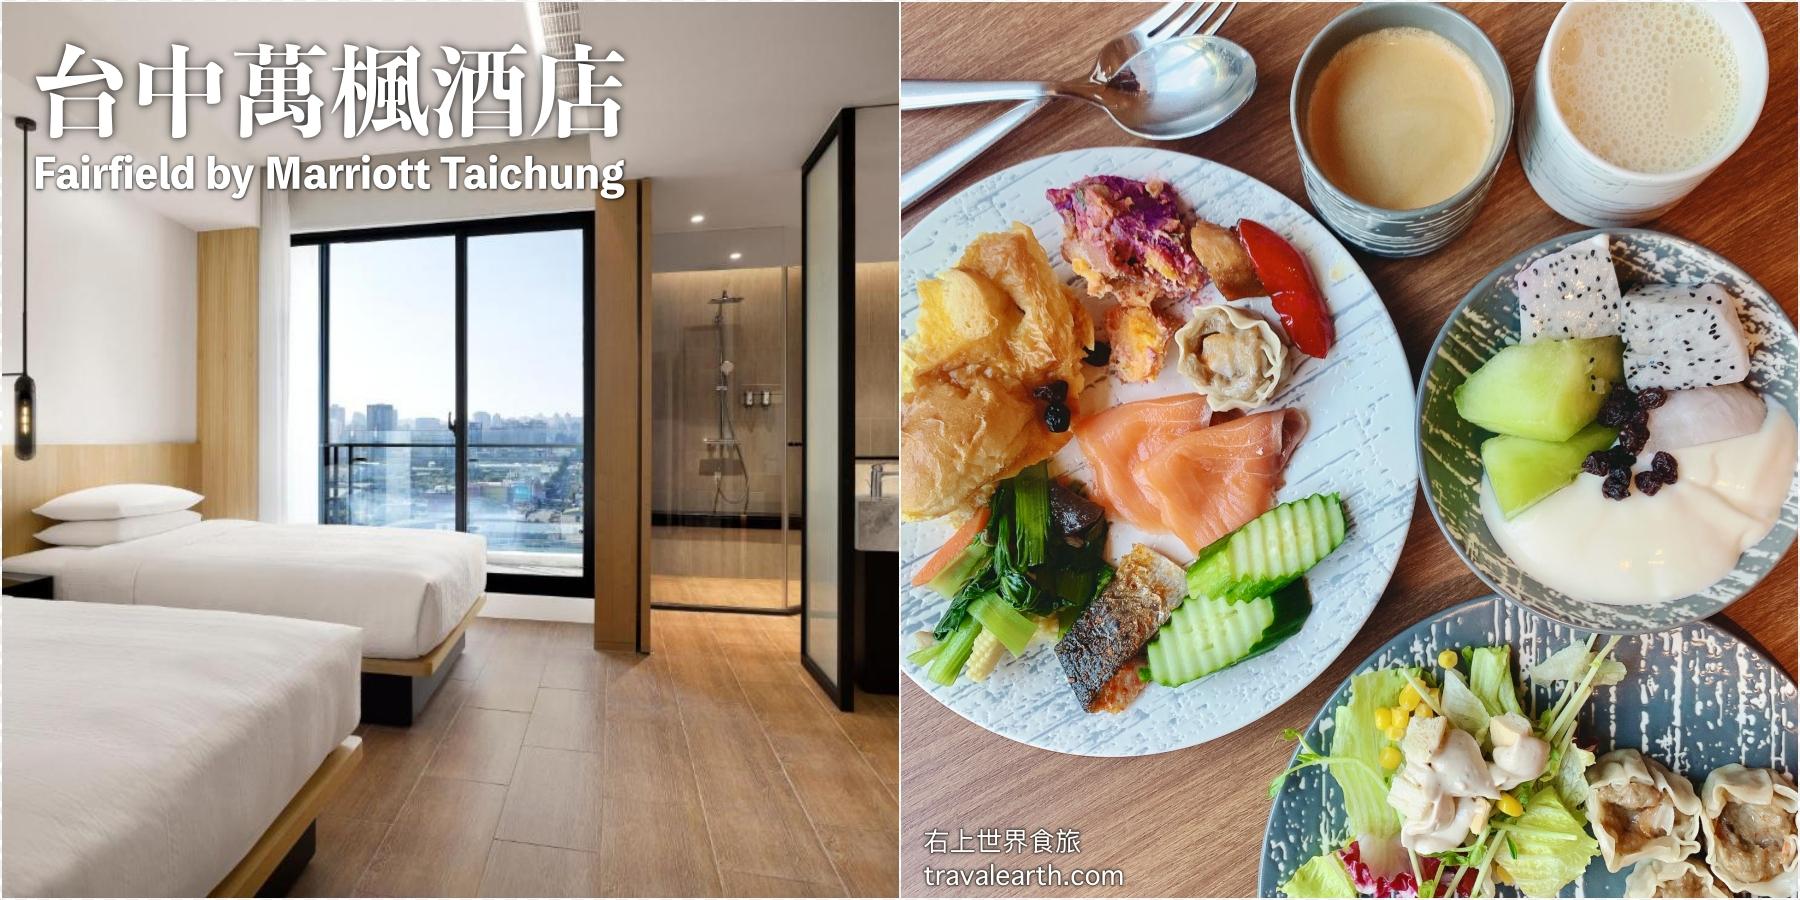 超大窗景絕佳早餐,萬豪集團必住:台中萬楓酒店Fairfield by Marriott Taichung|台中飯店推薦